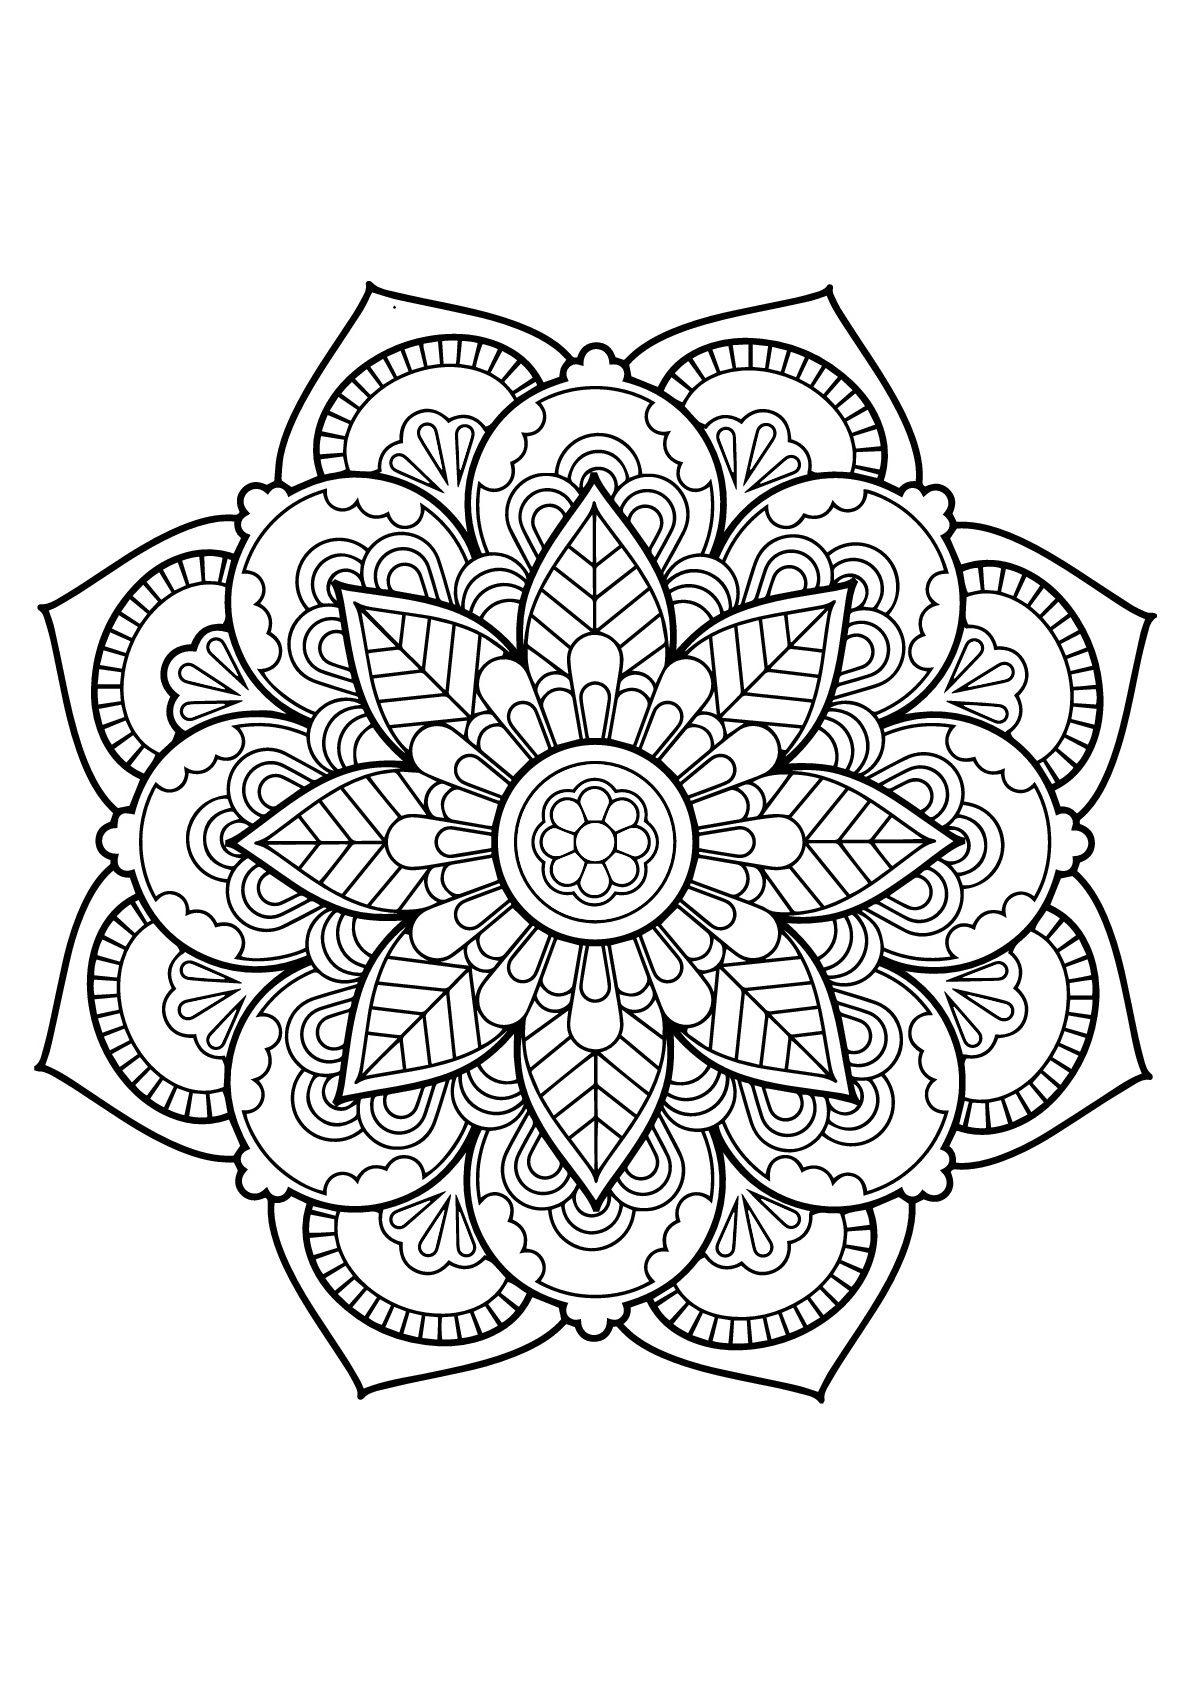 15 Luxe De Mandalas A Imprimer Gratuit Photos Mandala A Colorier Coloriage Mandala Mandala A Imprimer Gratuit